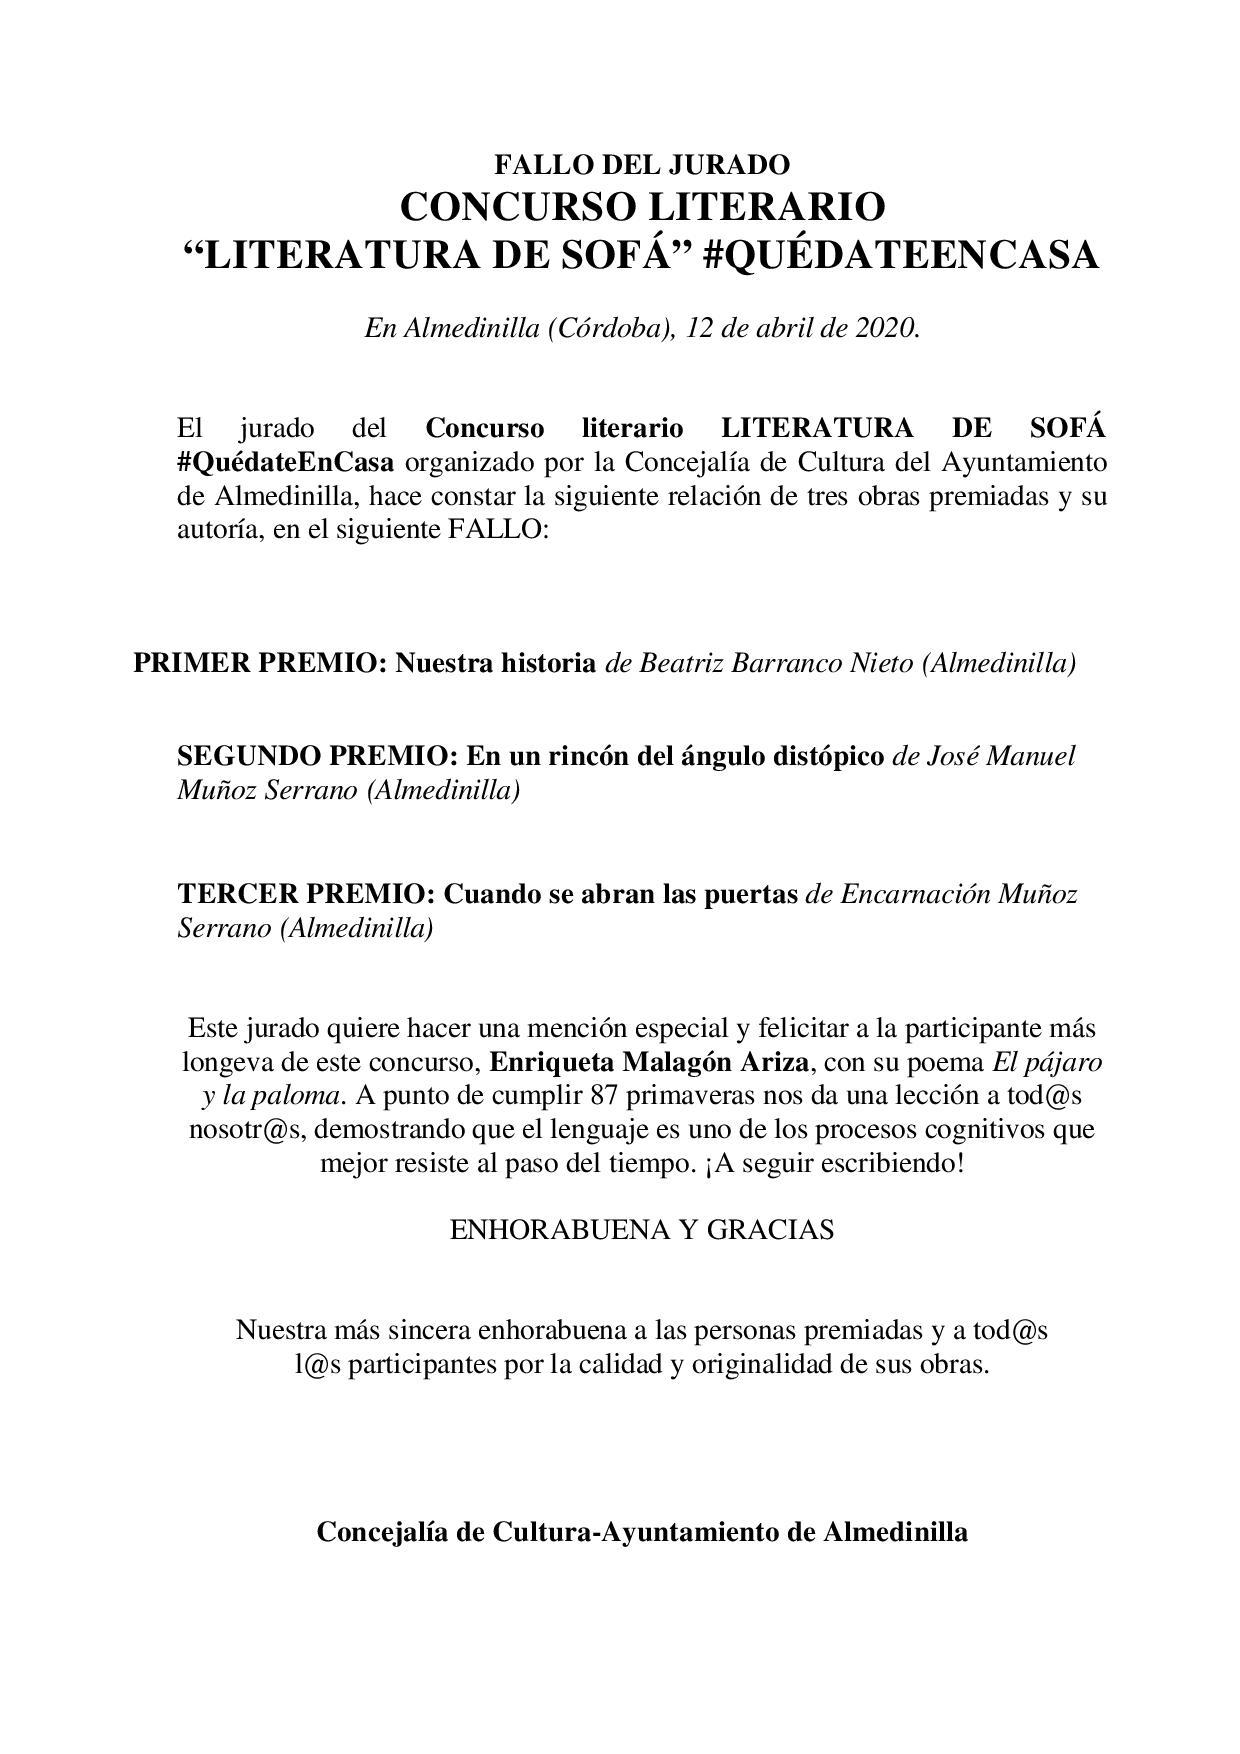 """FALLO JURADO """"LITERATURA DE SOFÁ"""" 1"""